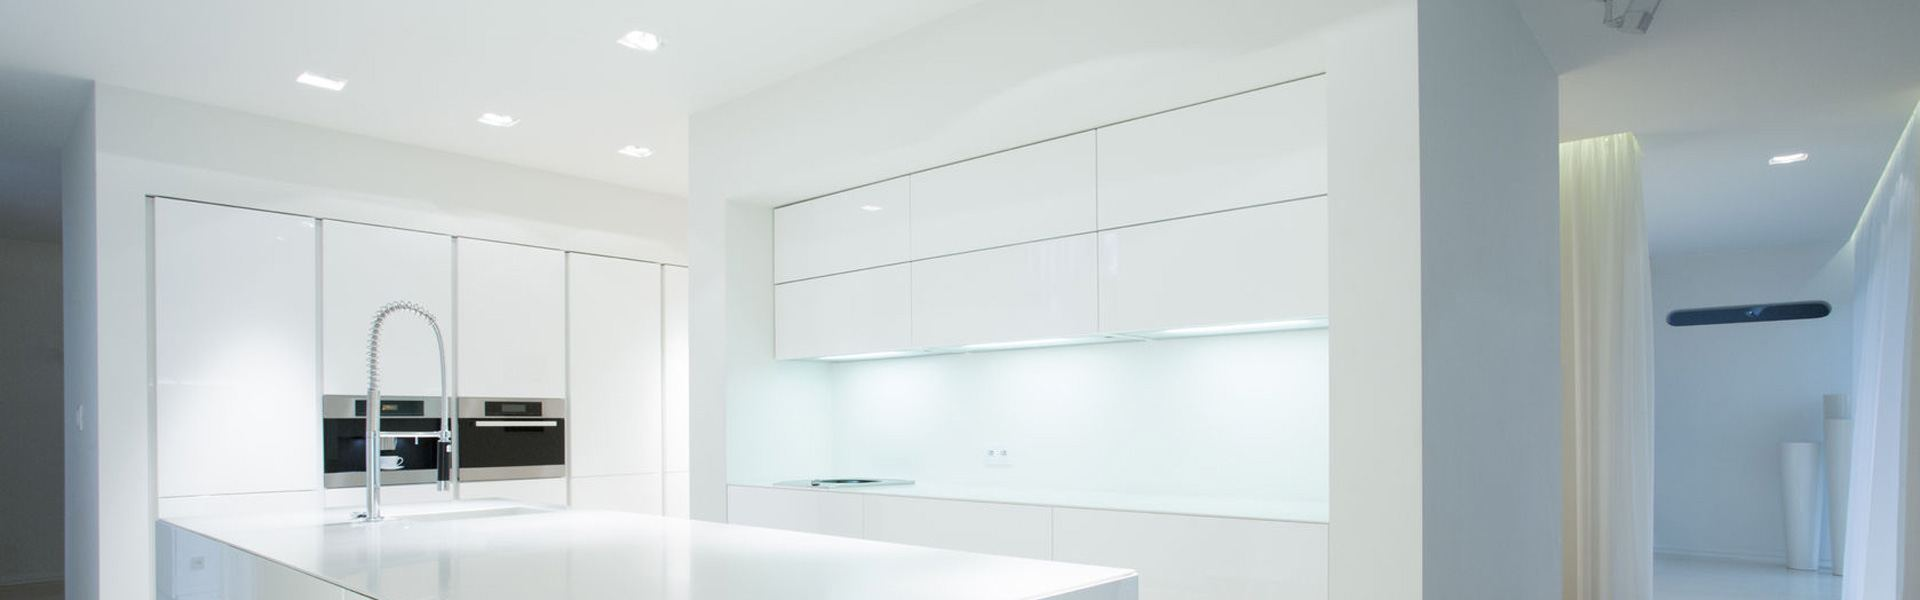 Sistemi Di Illuminazione A Led progettazione e realizzazione led su misura | all-led